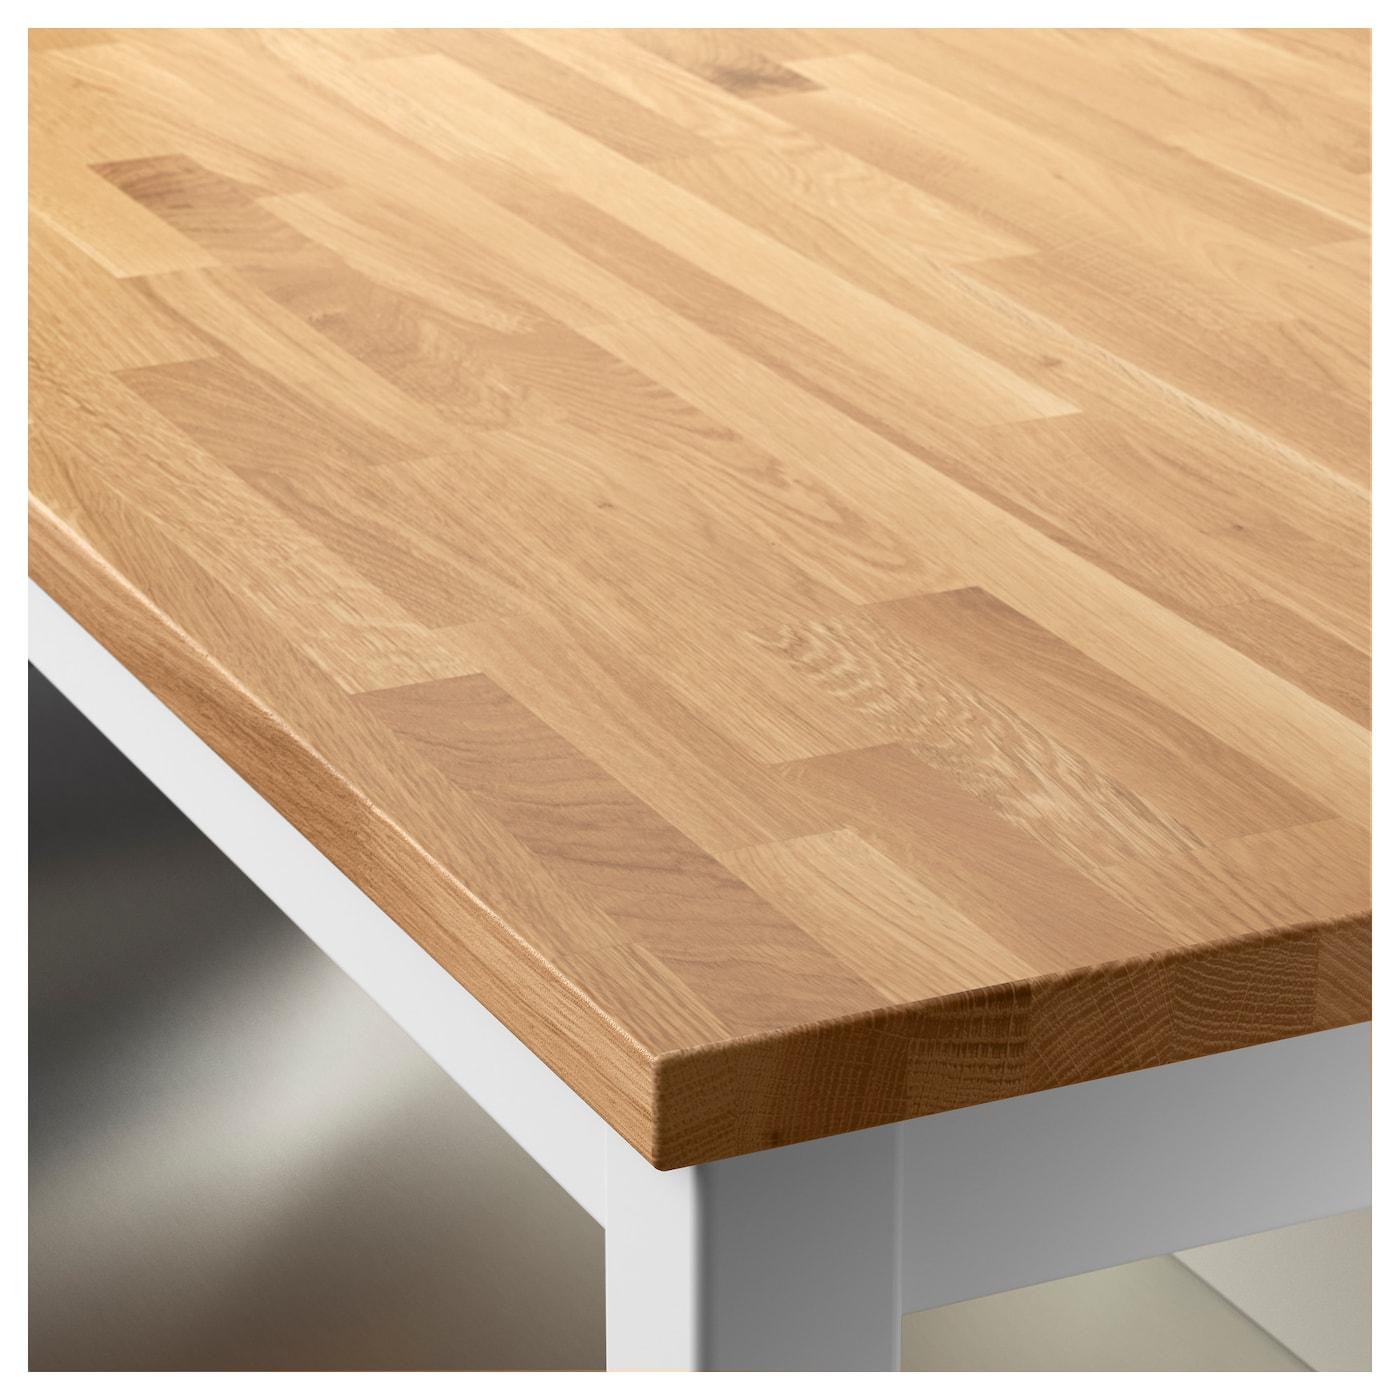 Ikea Drehstuhl Kinderzimmer ~ Stenstorp Kitchen Island Ikea Free Standing Kitchen Island Easy To